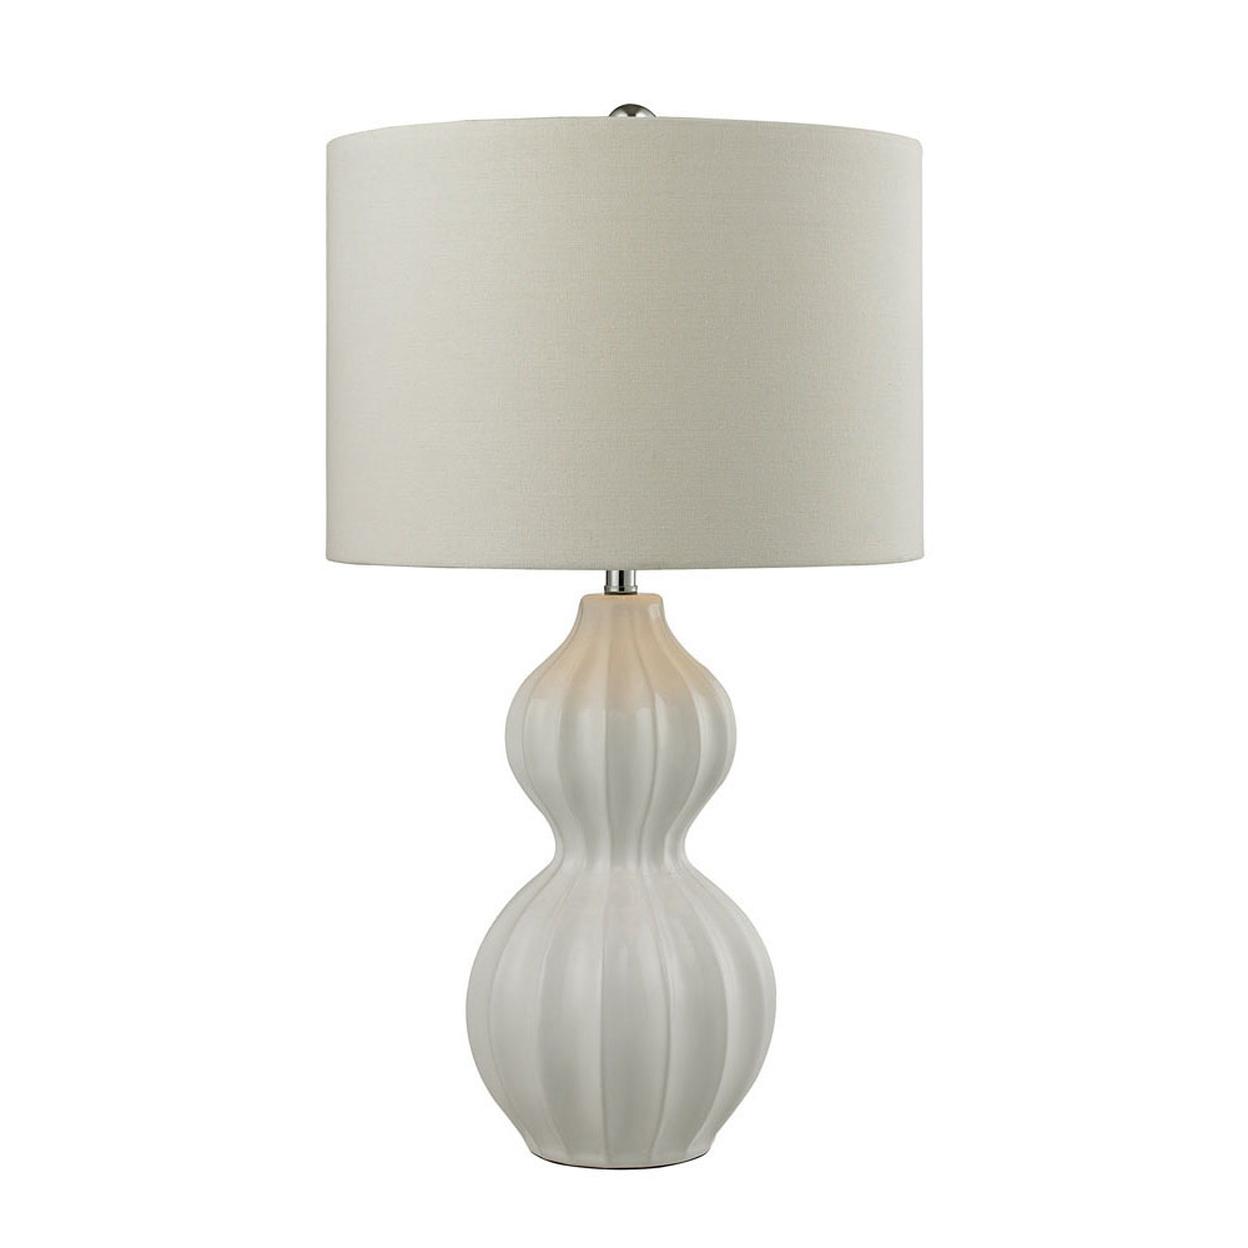 Dimond Lighting Ribbed Gourd LED Table Lamp in Gloss White Ceramic 58de20ad2a00e47e7416cb09